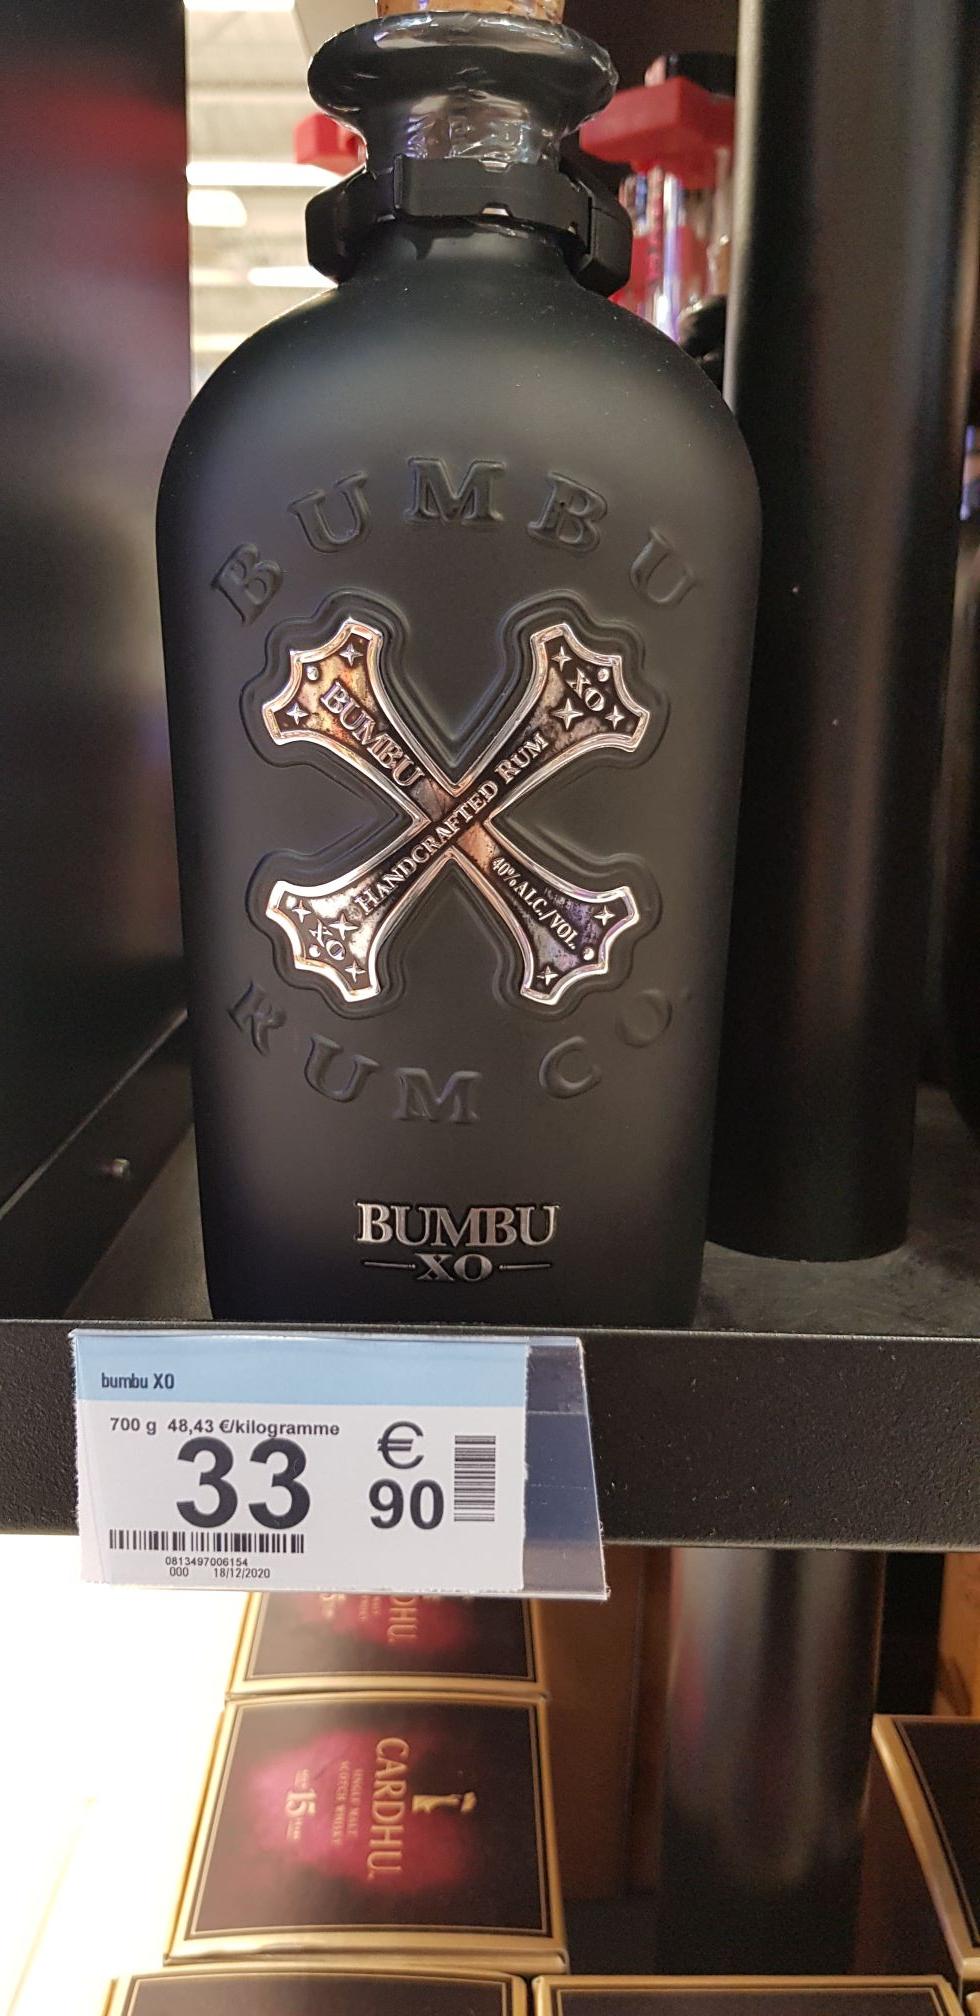 Bouteille Rhum Bumbu XO 70 cl - Villiers en Bière (77)